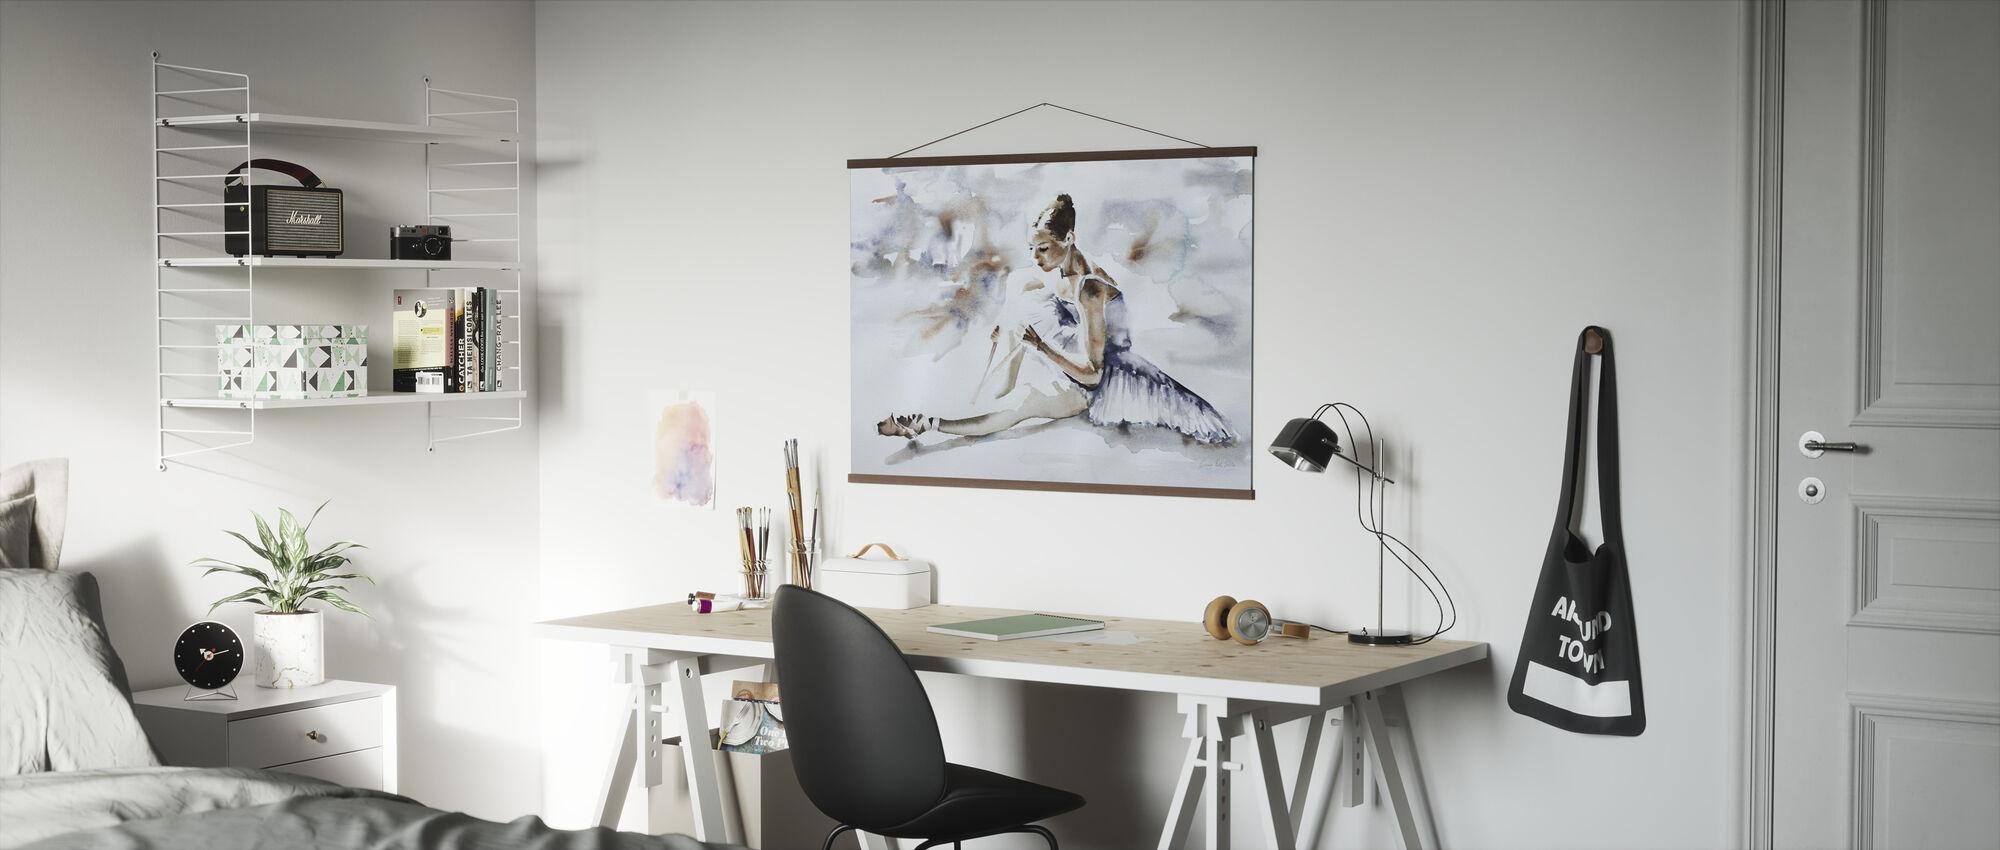 Klänning repetition - Poster - Kontor